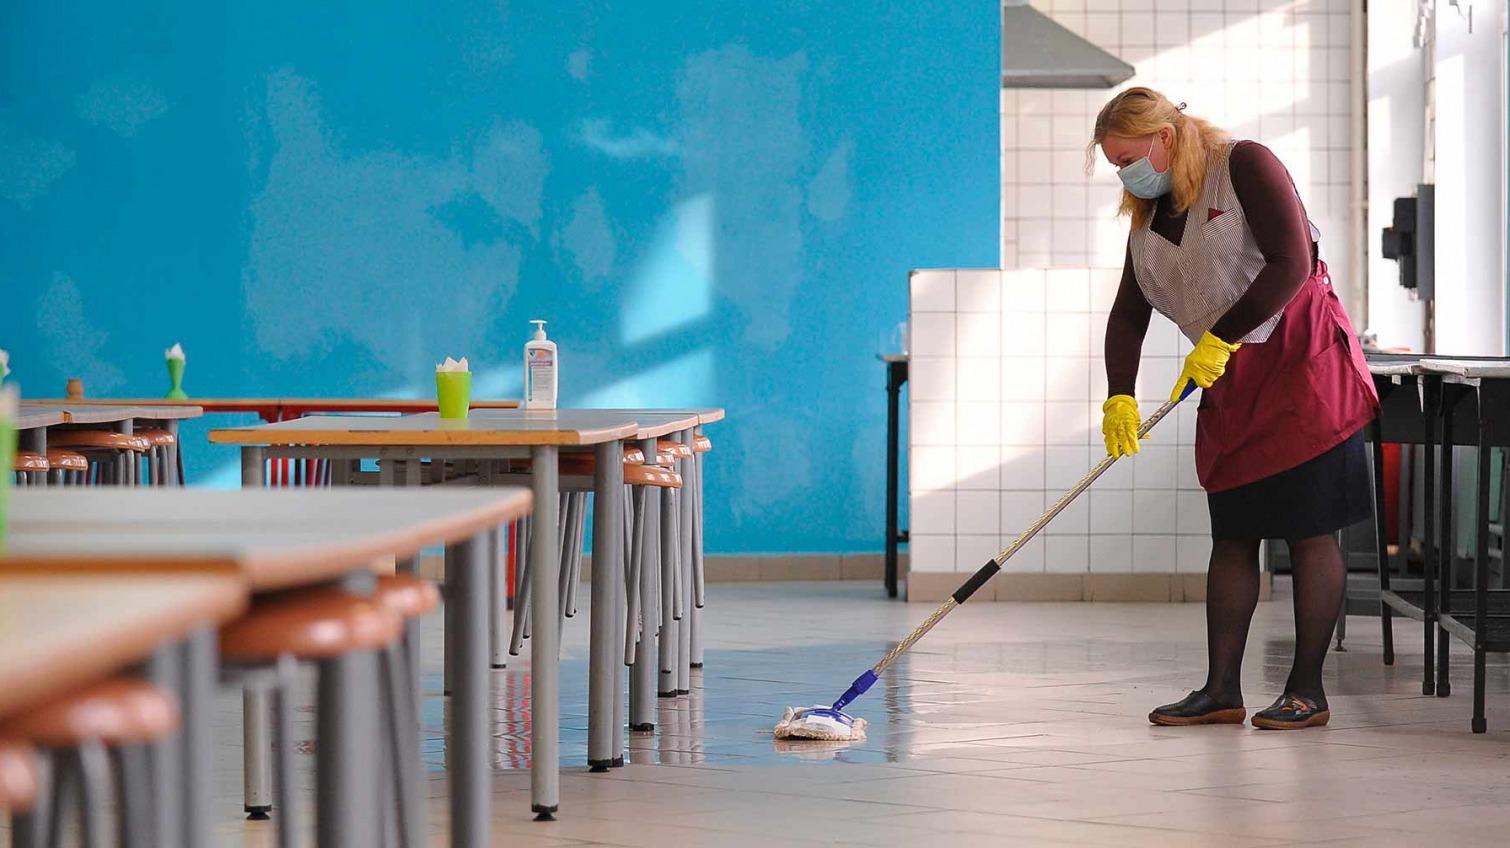 В Болградской школе уборщица воровала у детей телефоны (фото) «фото»